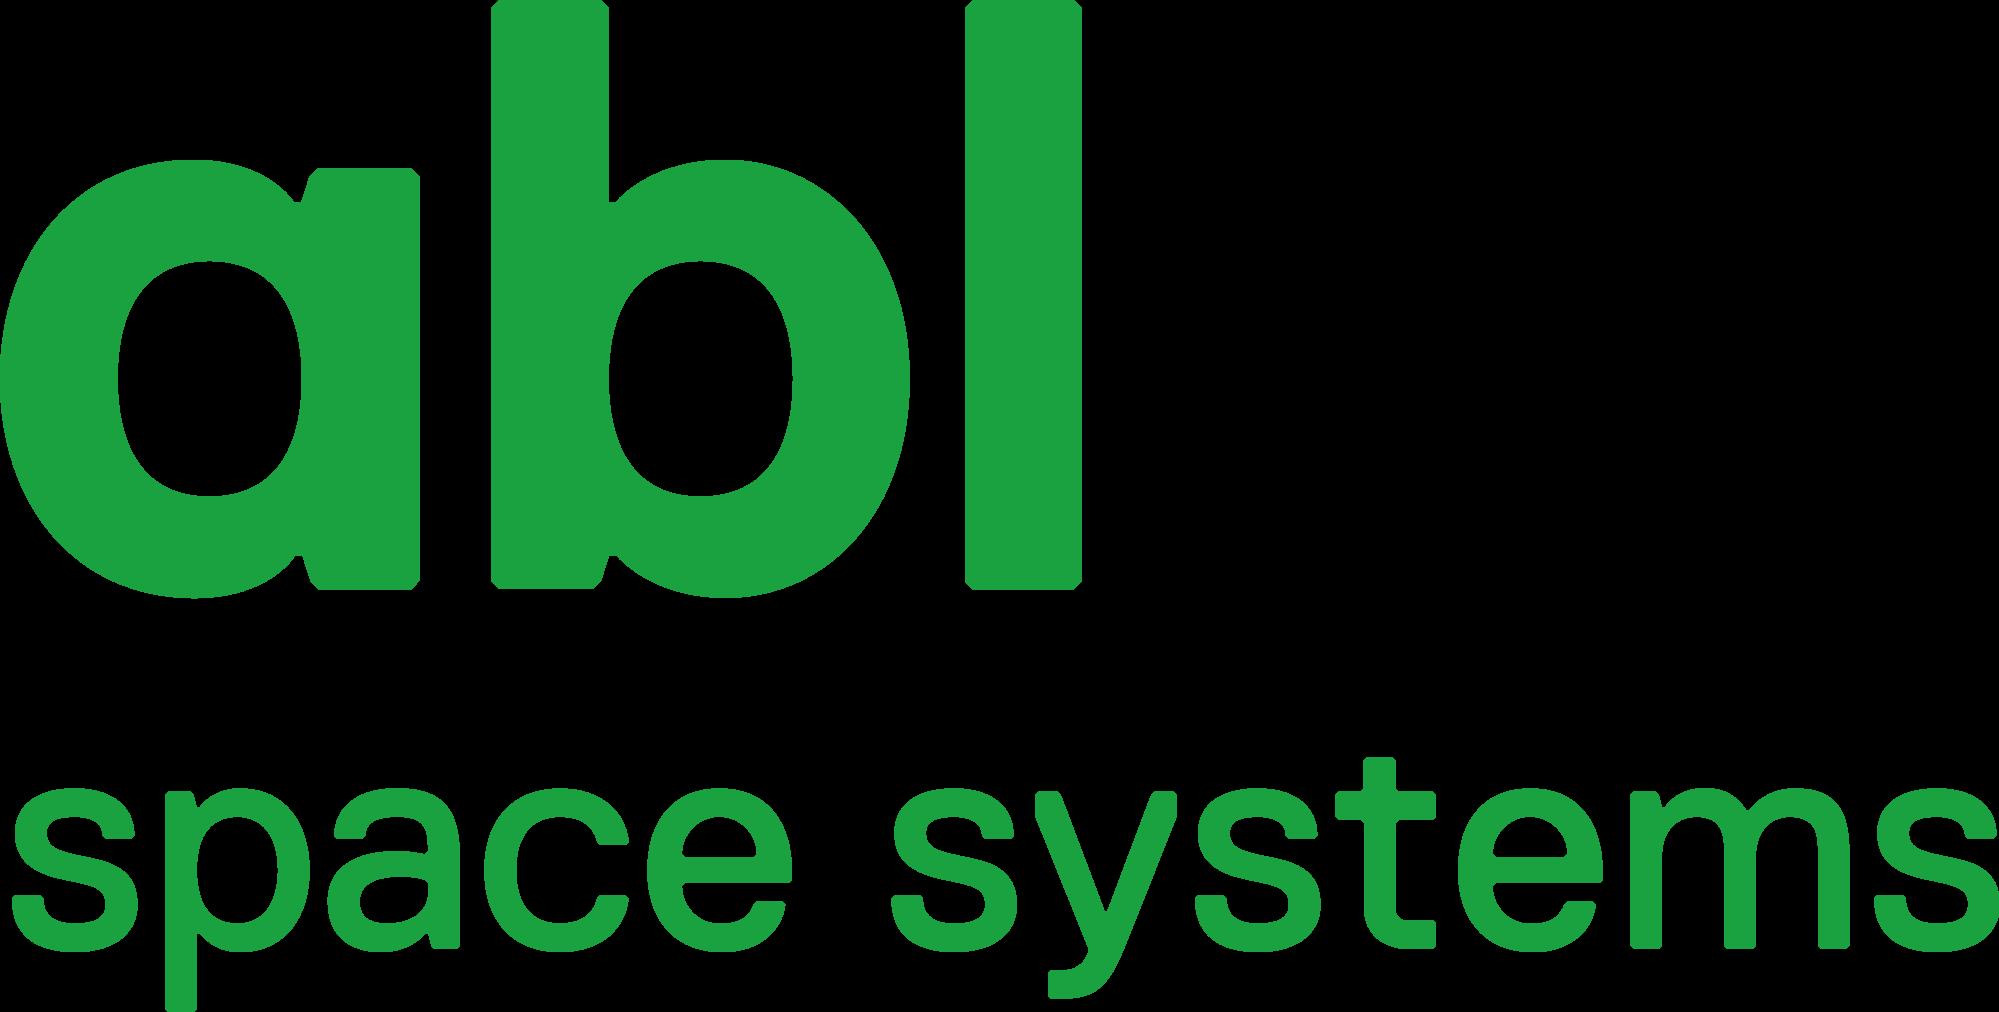 abl_logo_medium_green